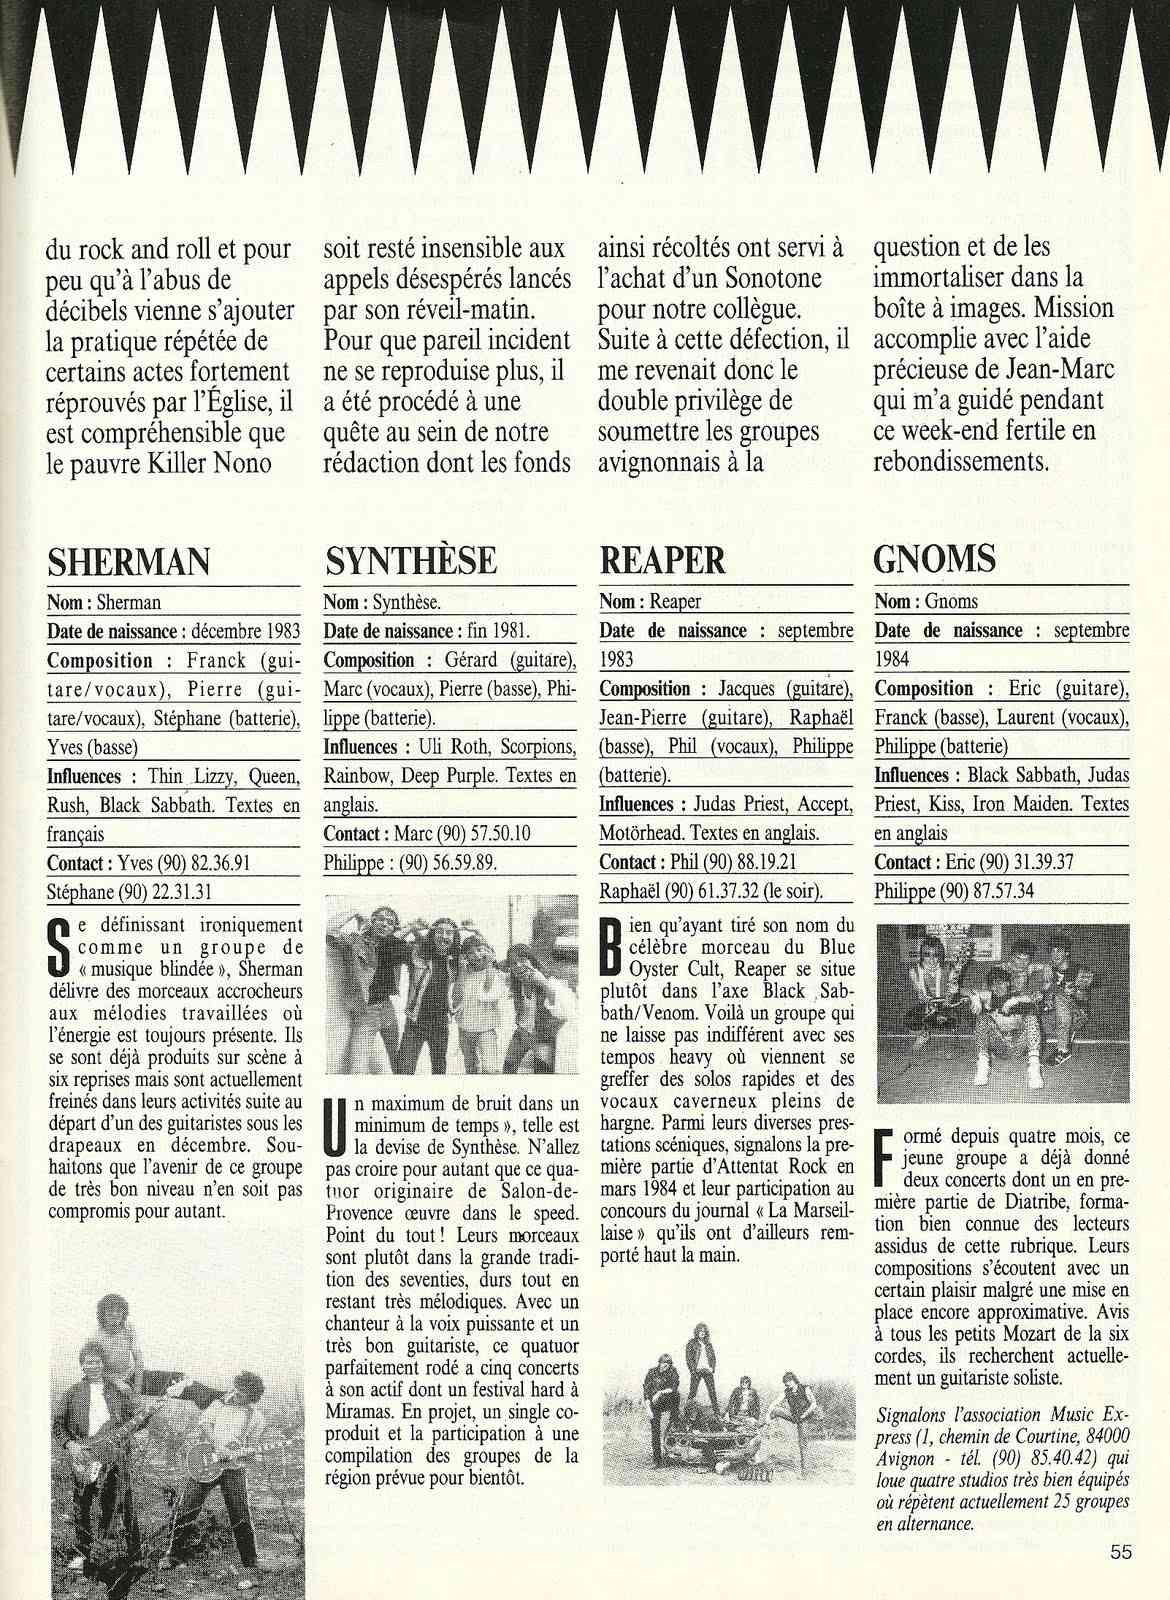 """A la découverte des groupes d'AVIGNON (archive) """"Metal Attack"""" Février 1985"""" Numyri55"""